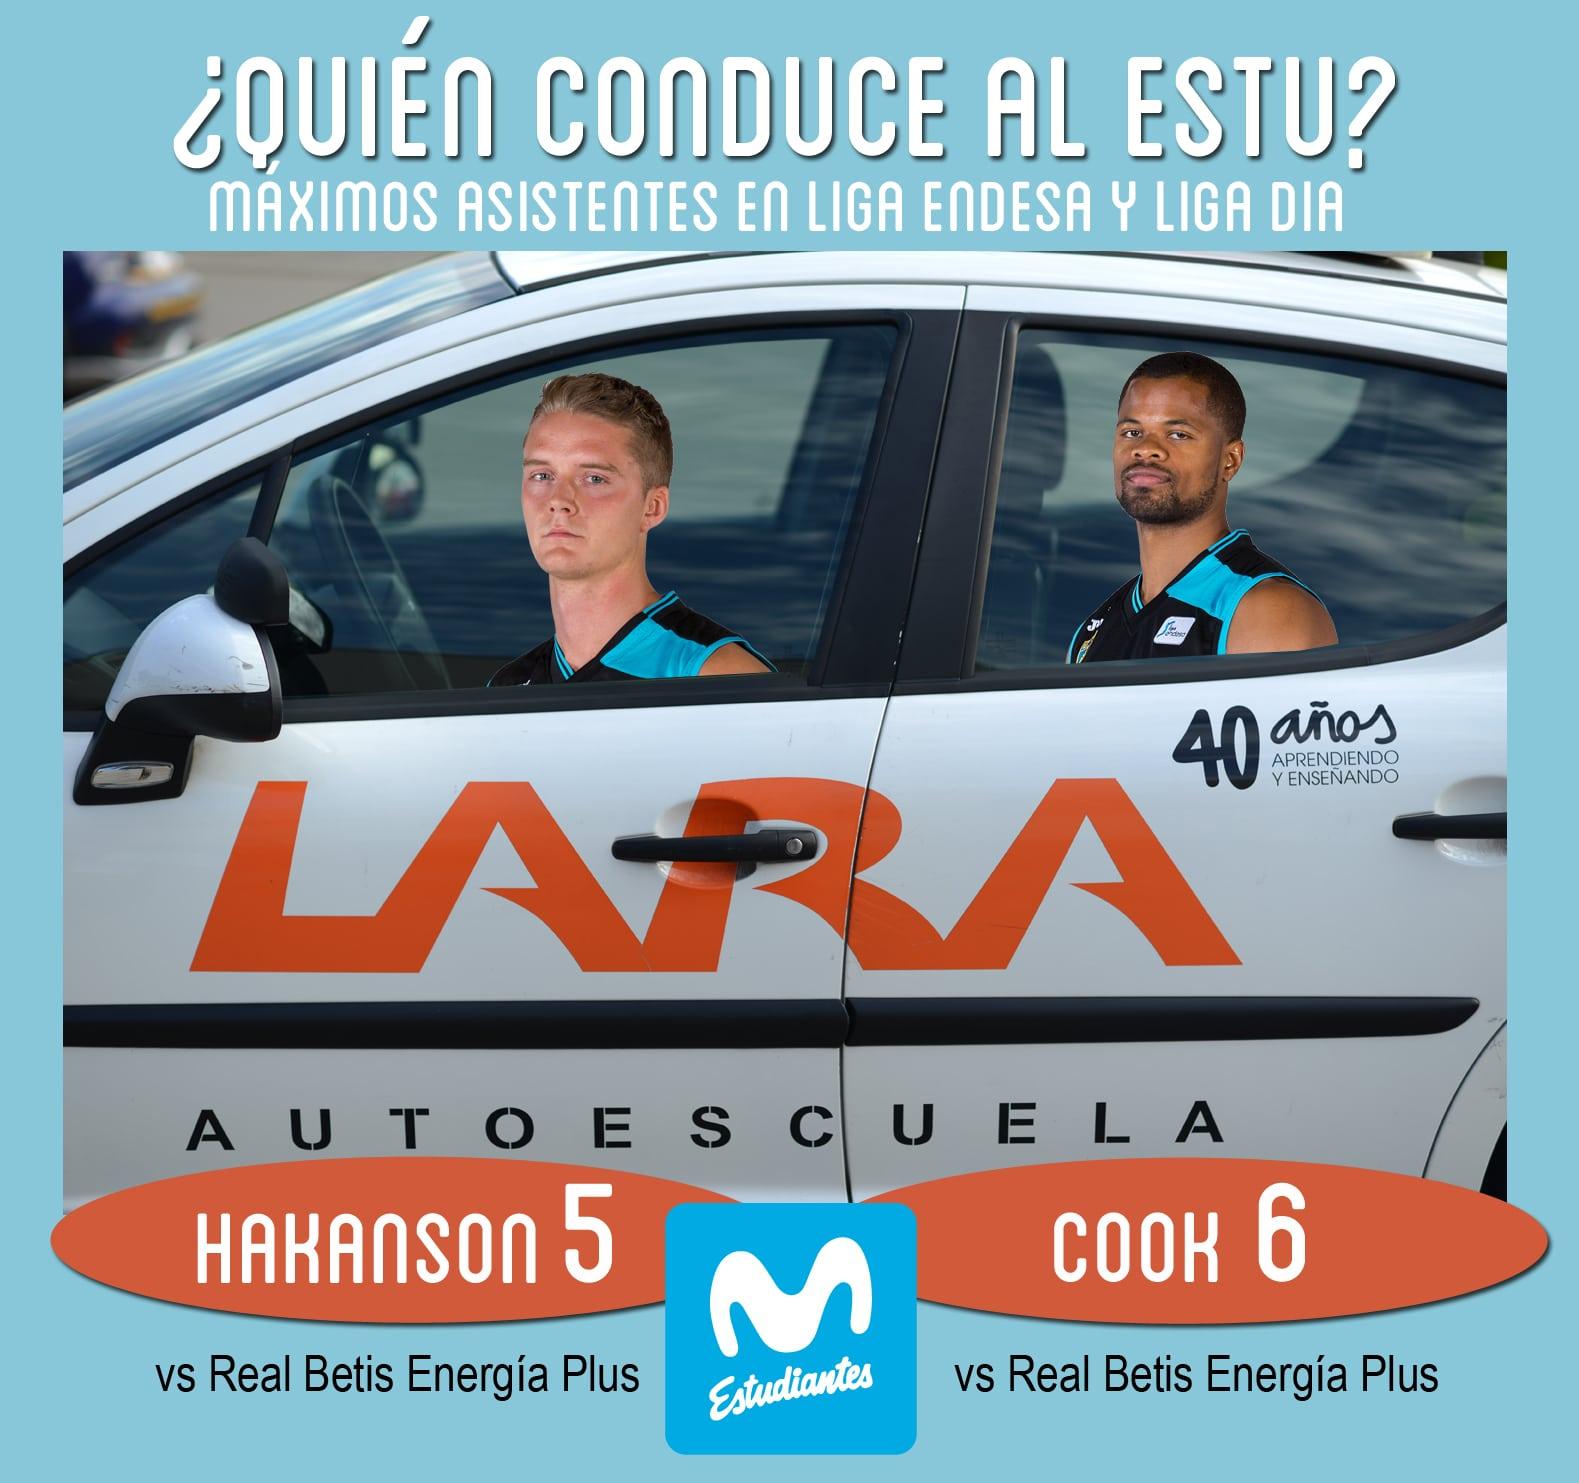 Conductores Autoescuela Lara: Cook y Hakanson